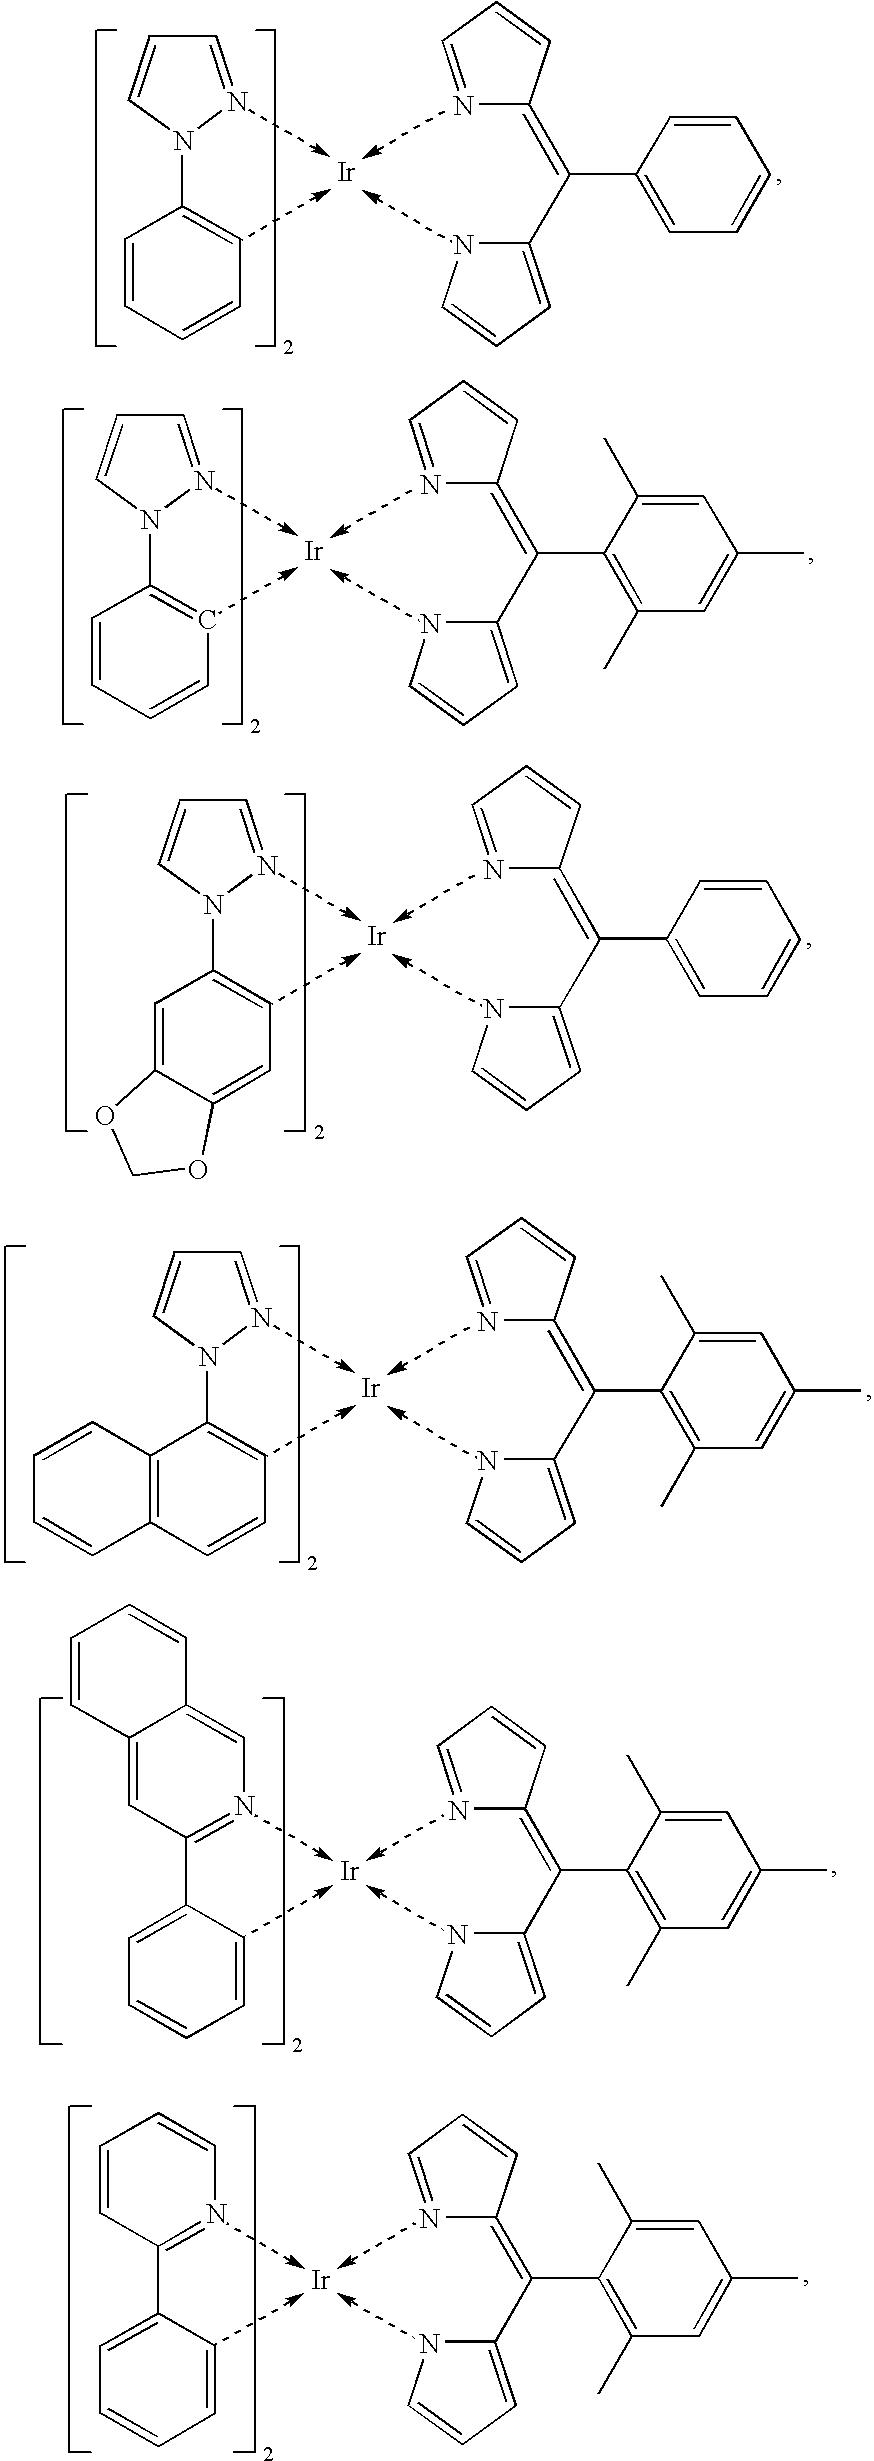 Figure US20080061681A1-20080313-C00030